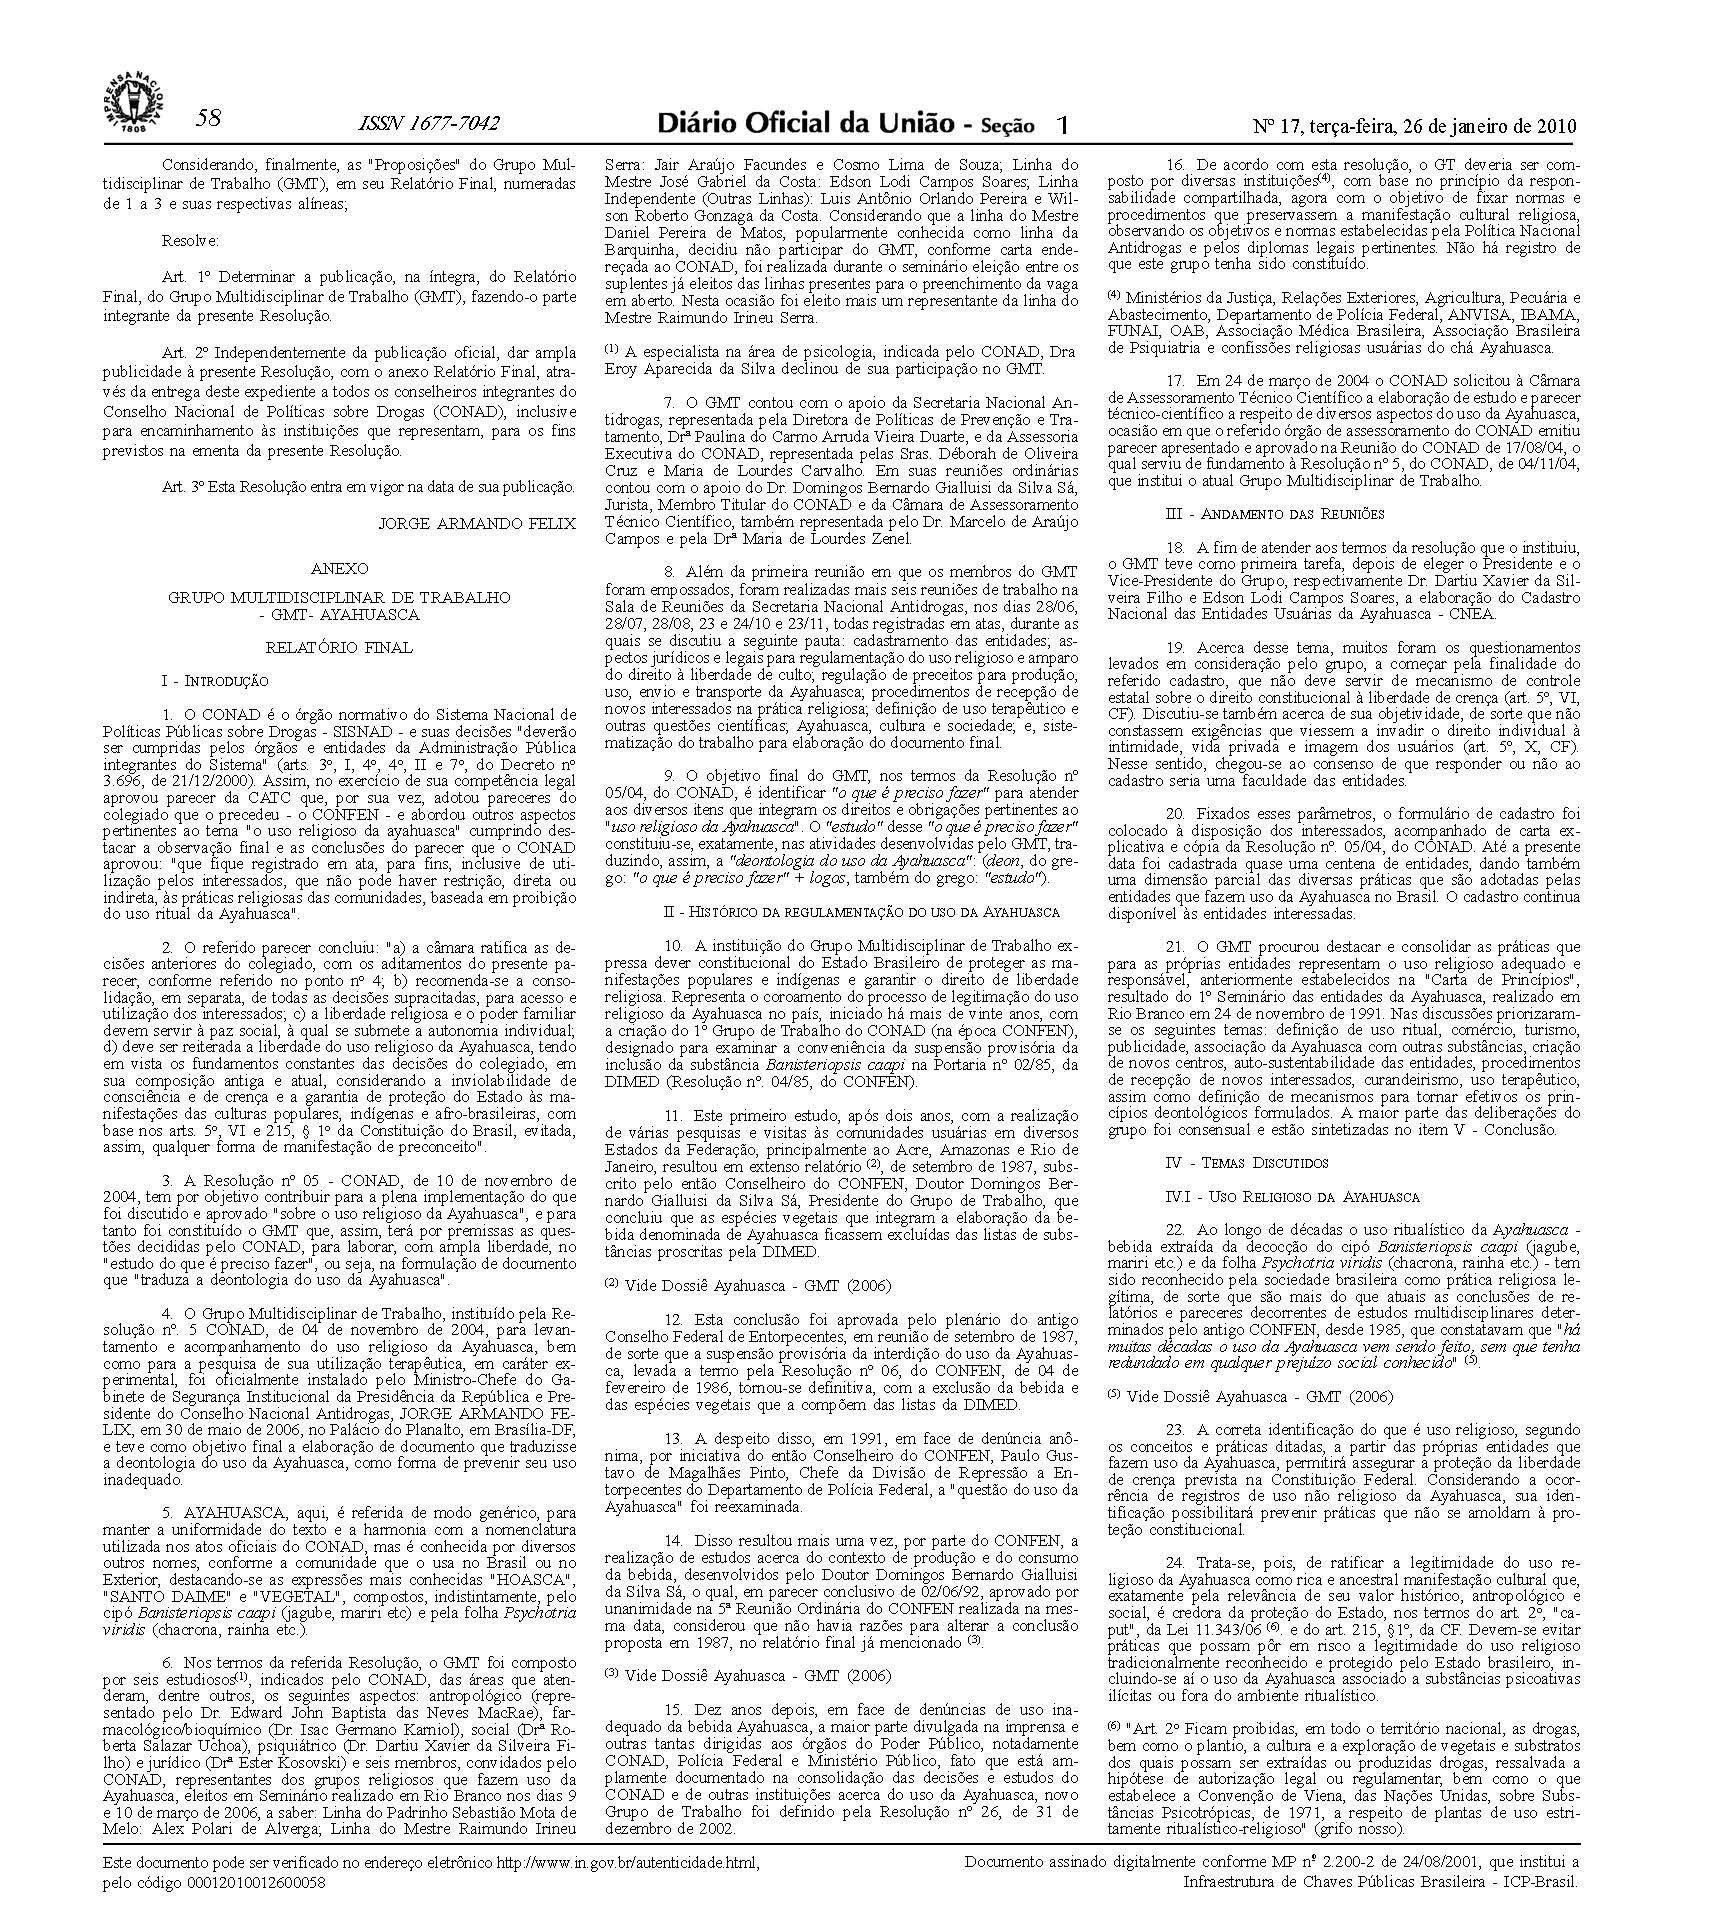 legalidade da ayahuasca